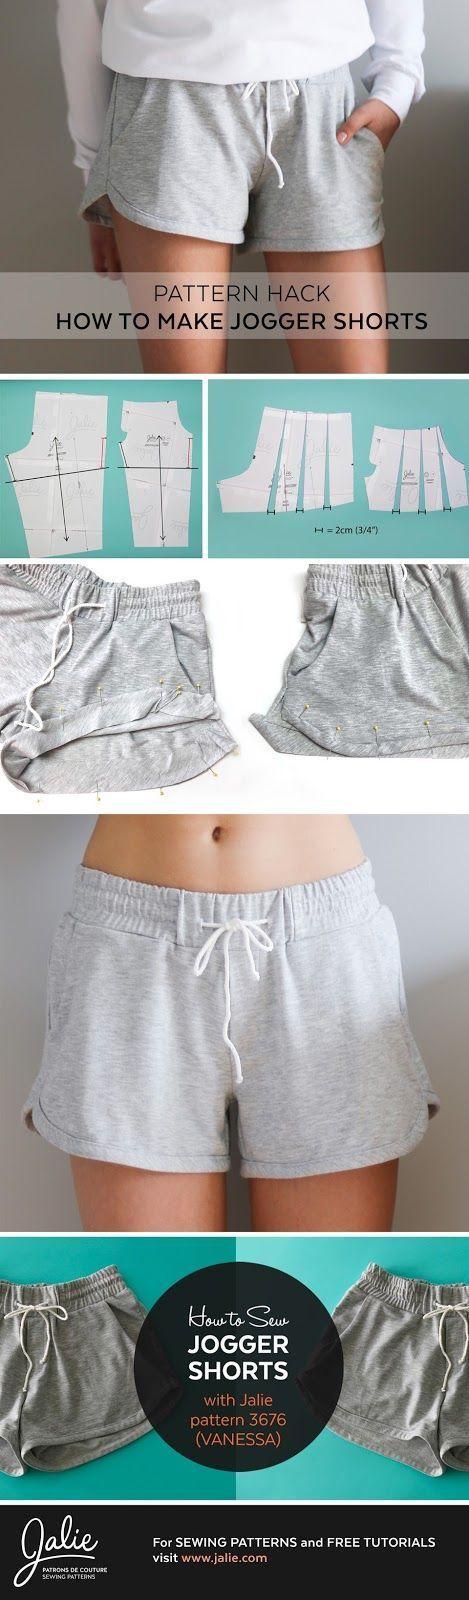 Jalie Schnittmuster - News, Infos und Ideen: Vanessa Jogger Shorts // Pattern H ...  #ideen #infos #jalie #jogger #knittingmodelideas #schnittmuster #shorts #vanessa #cantaps